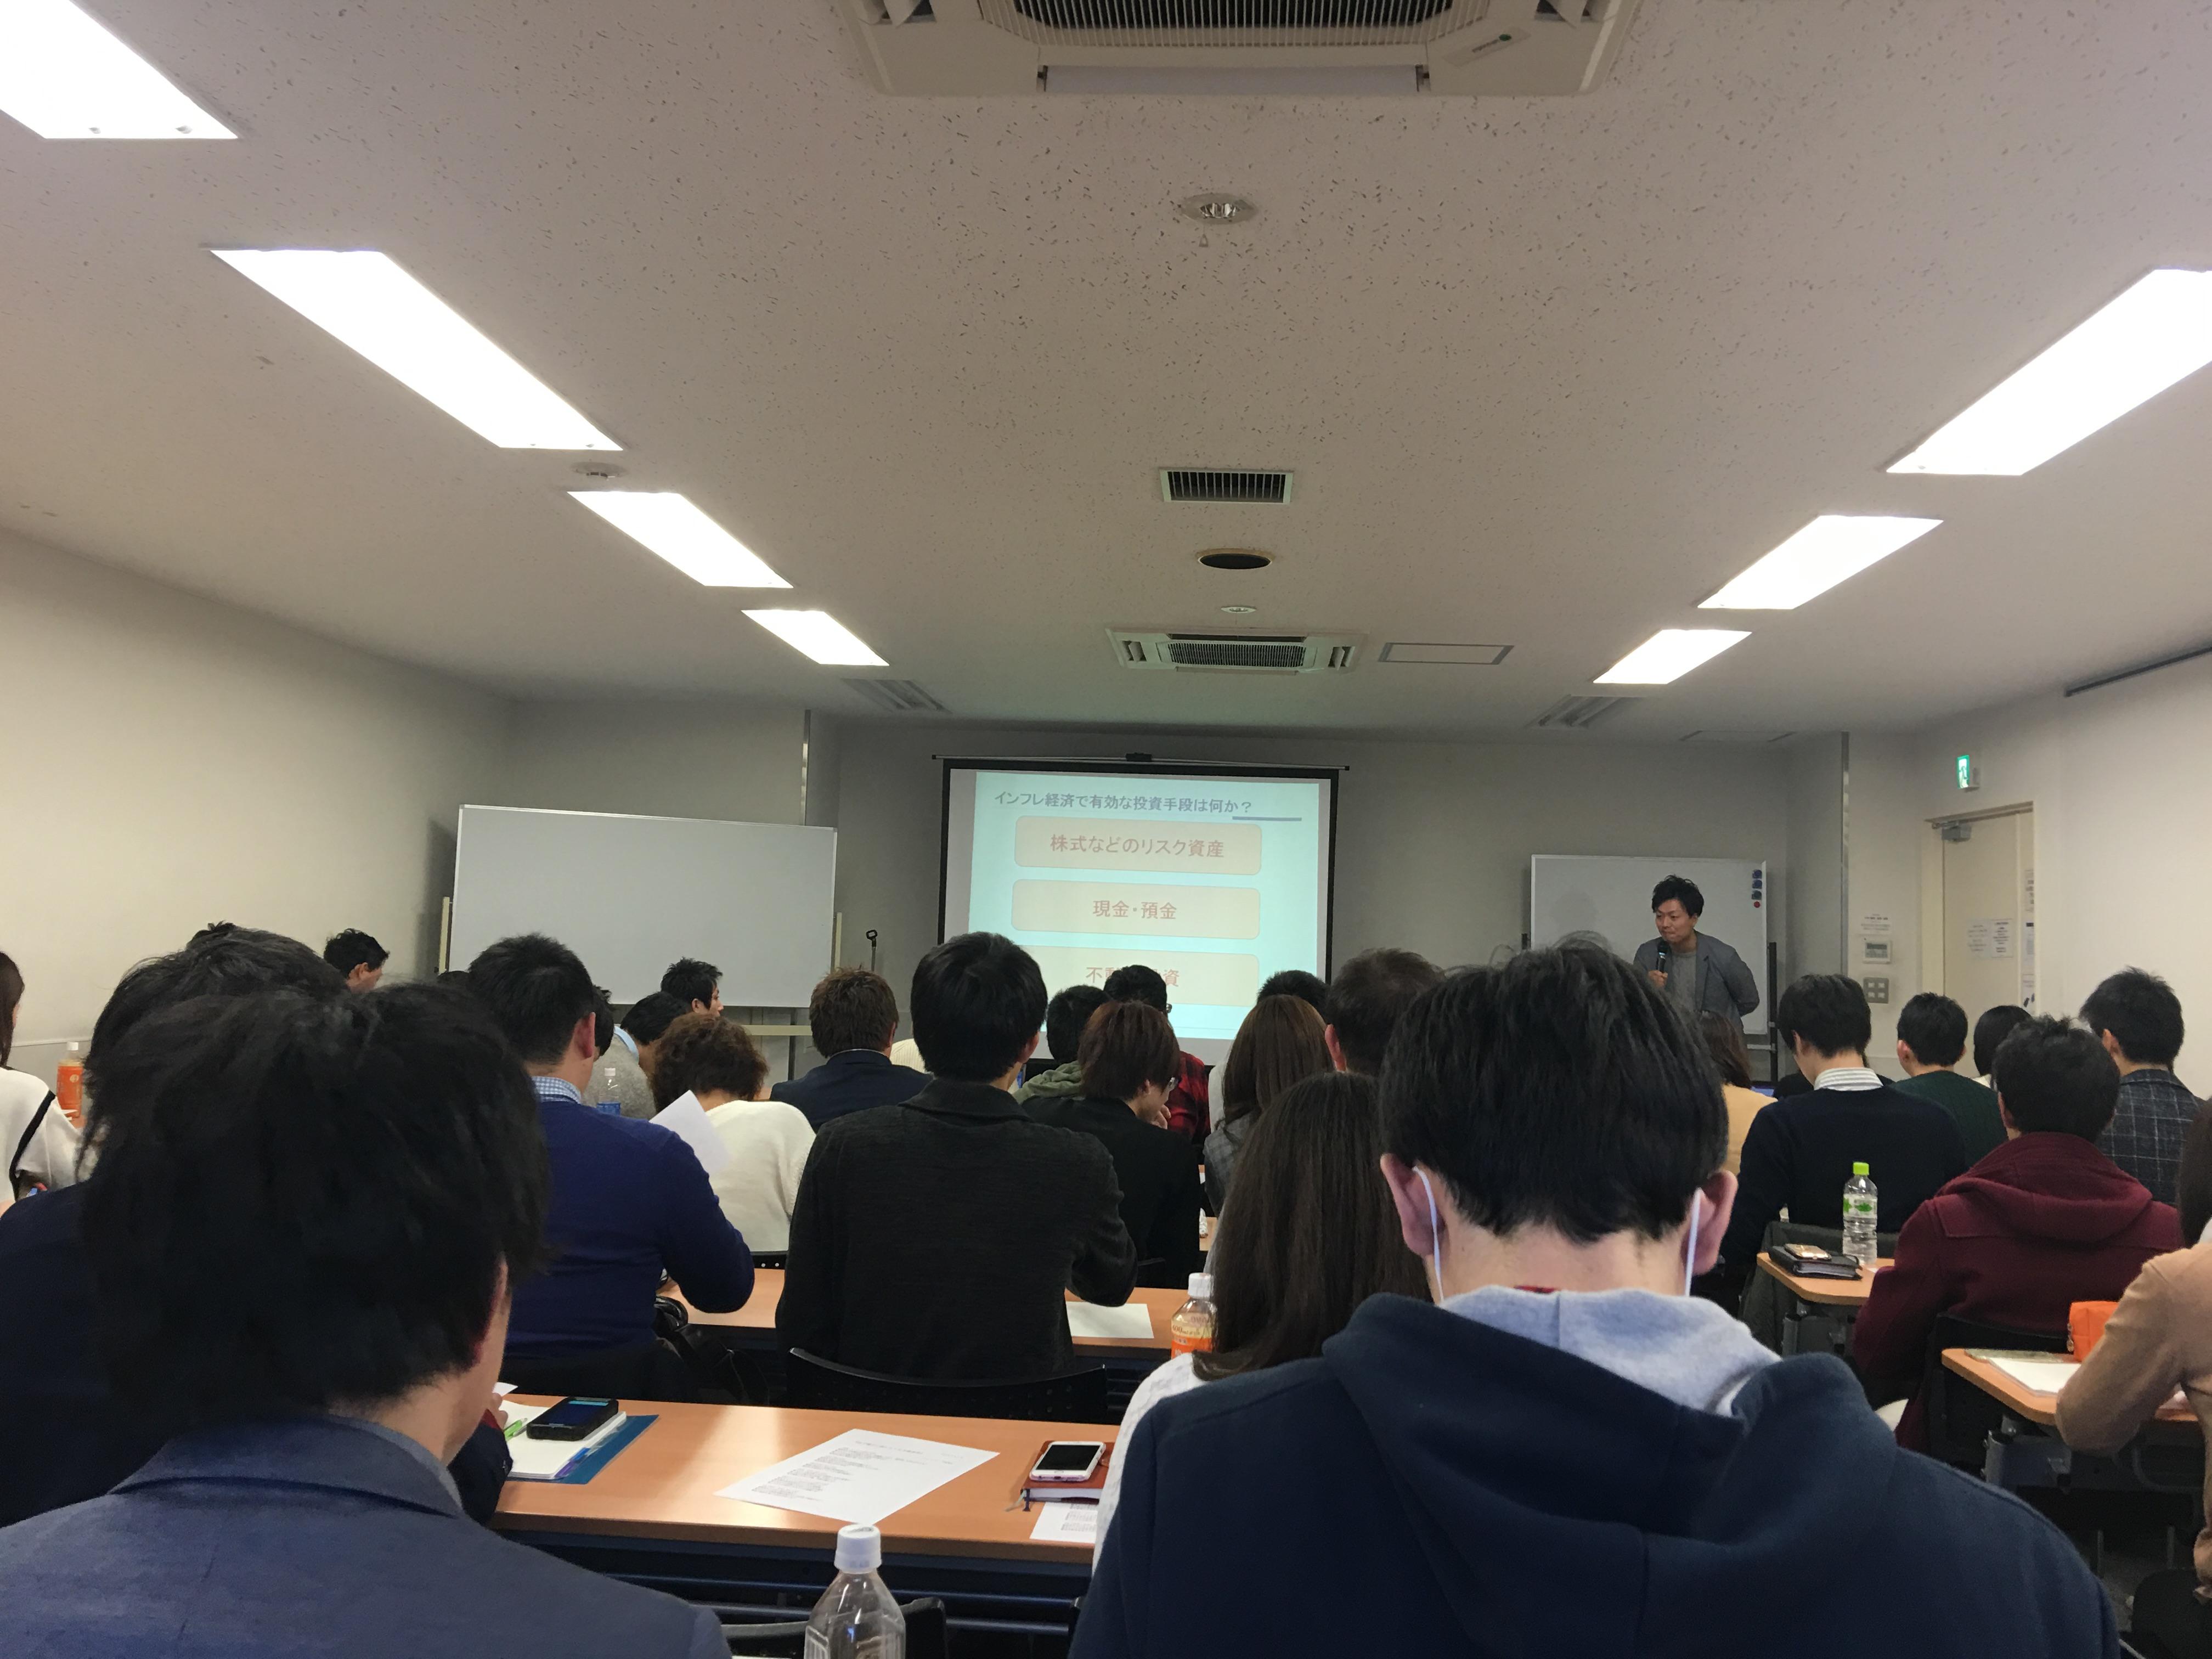 経済学者・門倉貴史先生のセミナー